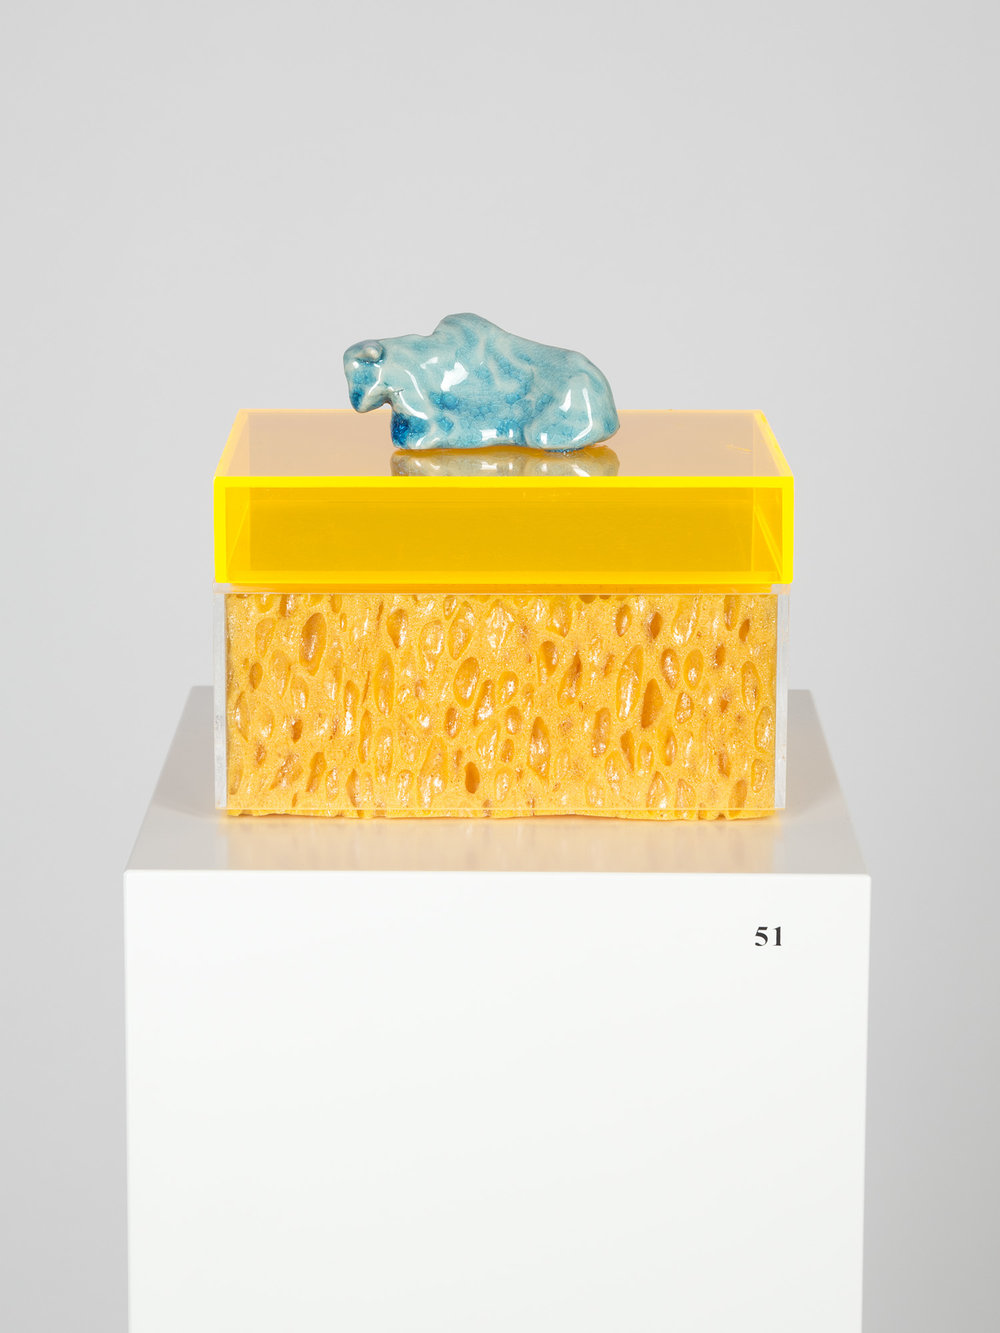 Gebettet , 2014  porcelain, sponge, plexiglas  Sculpture: 16 × 16 × 11 cm  Pedestal: 120 × 20 × 20 cm